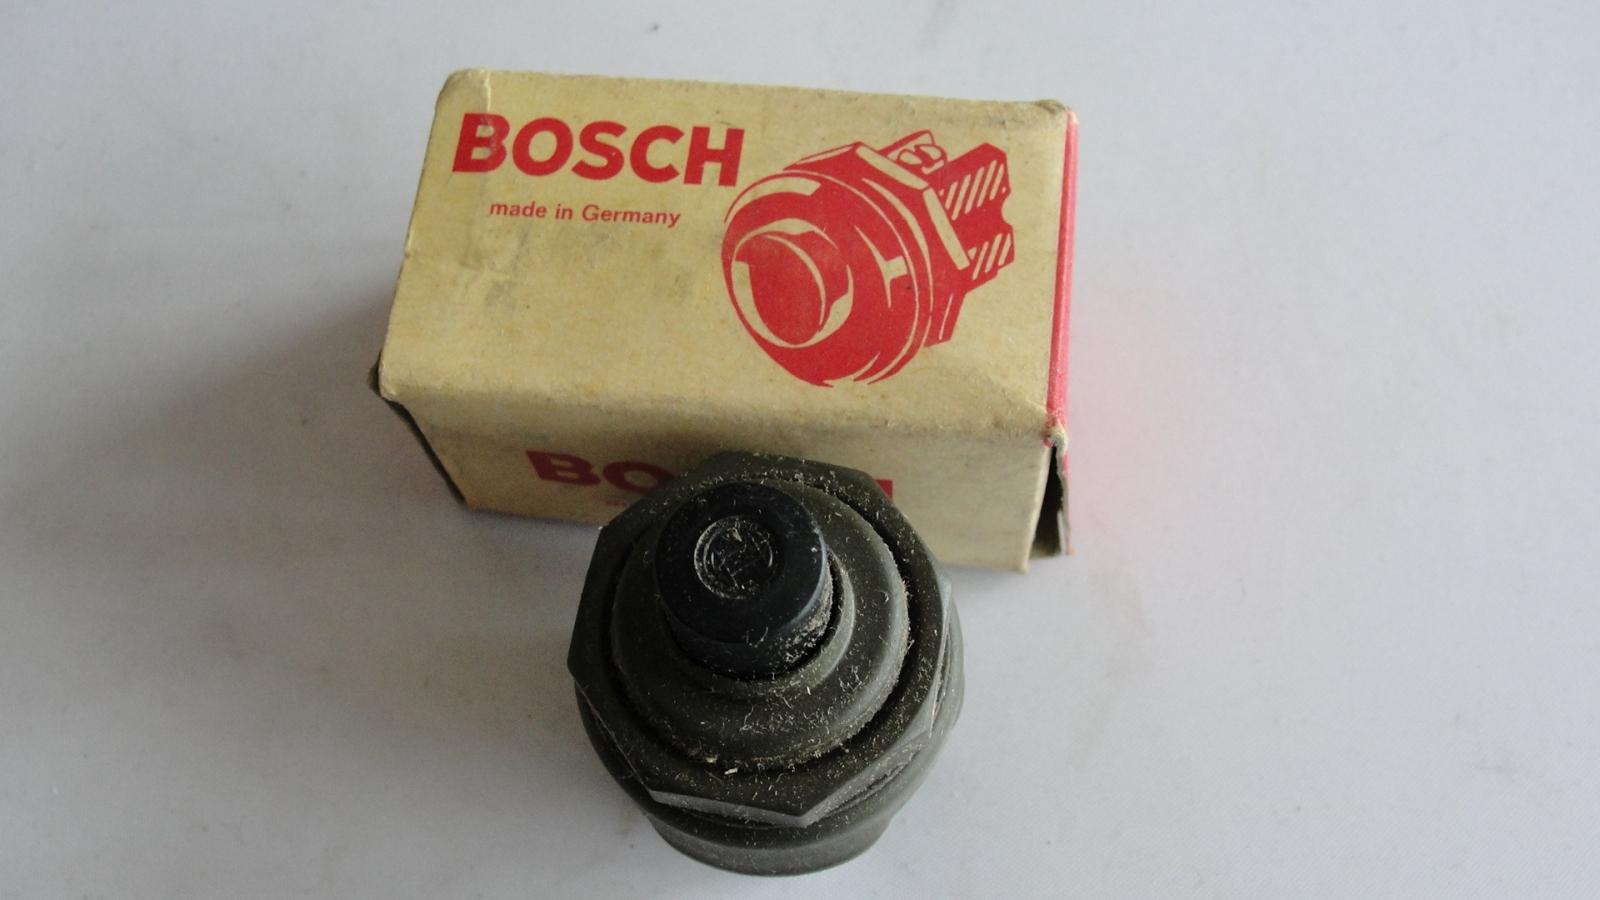 Bosch Schalter  0343004002 SH/TD 8/2  switch conmutador interrupteur